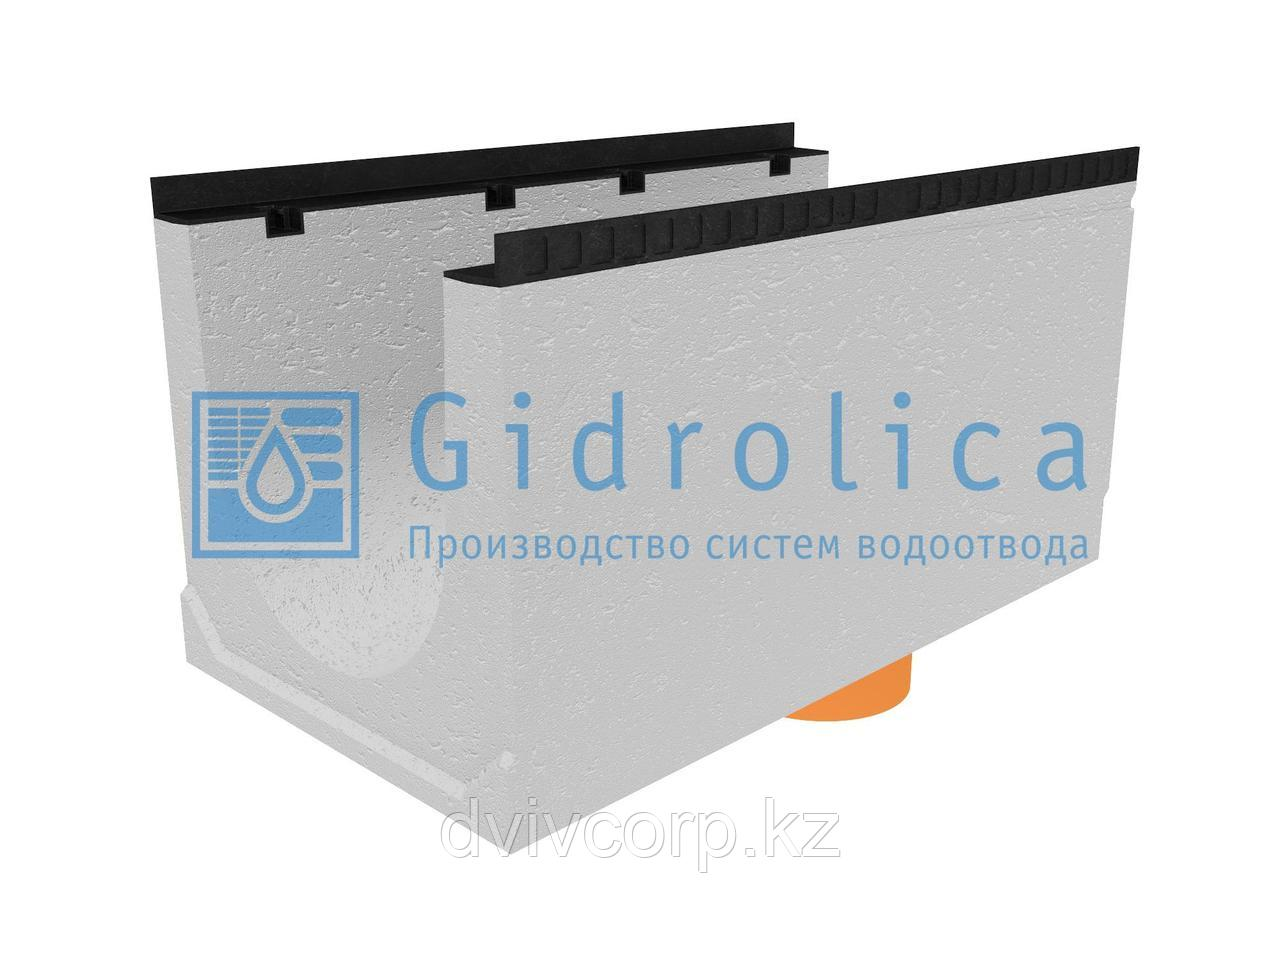 Лоток водоотводный бетонный коробчатый (СО-400мм), с водосливом КUв 100.54(40).52,5(44,5) - BGМ, № 15-0